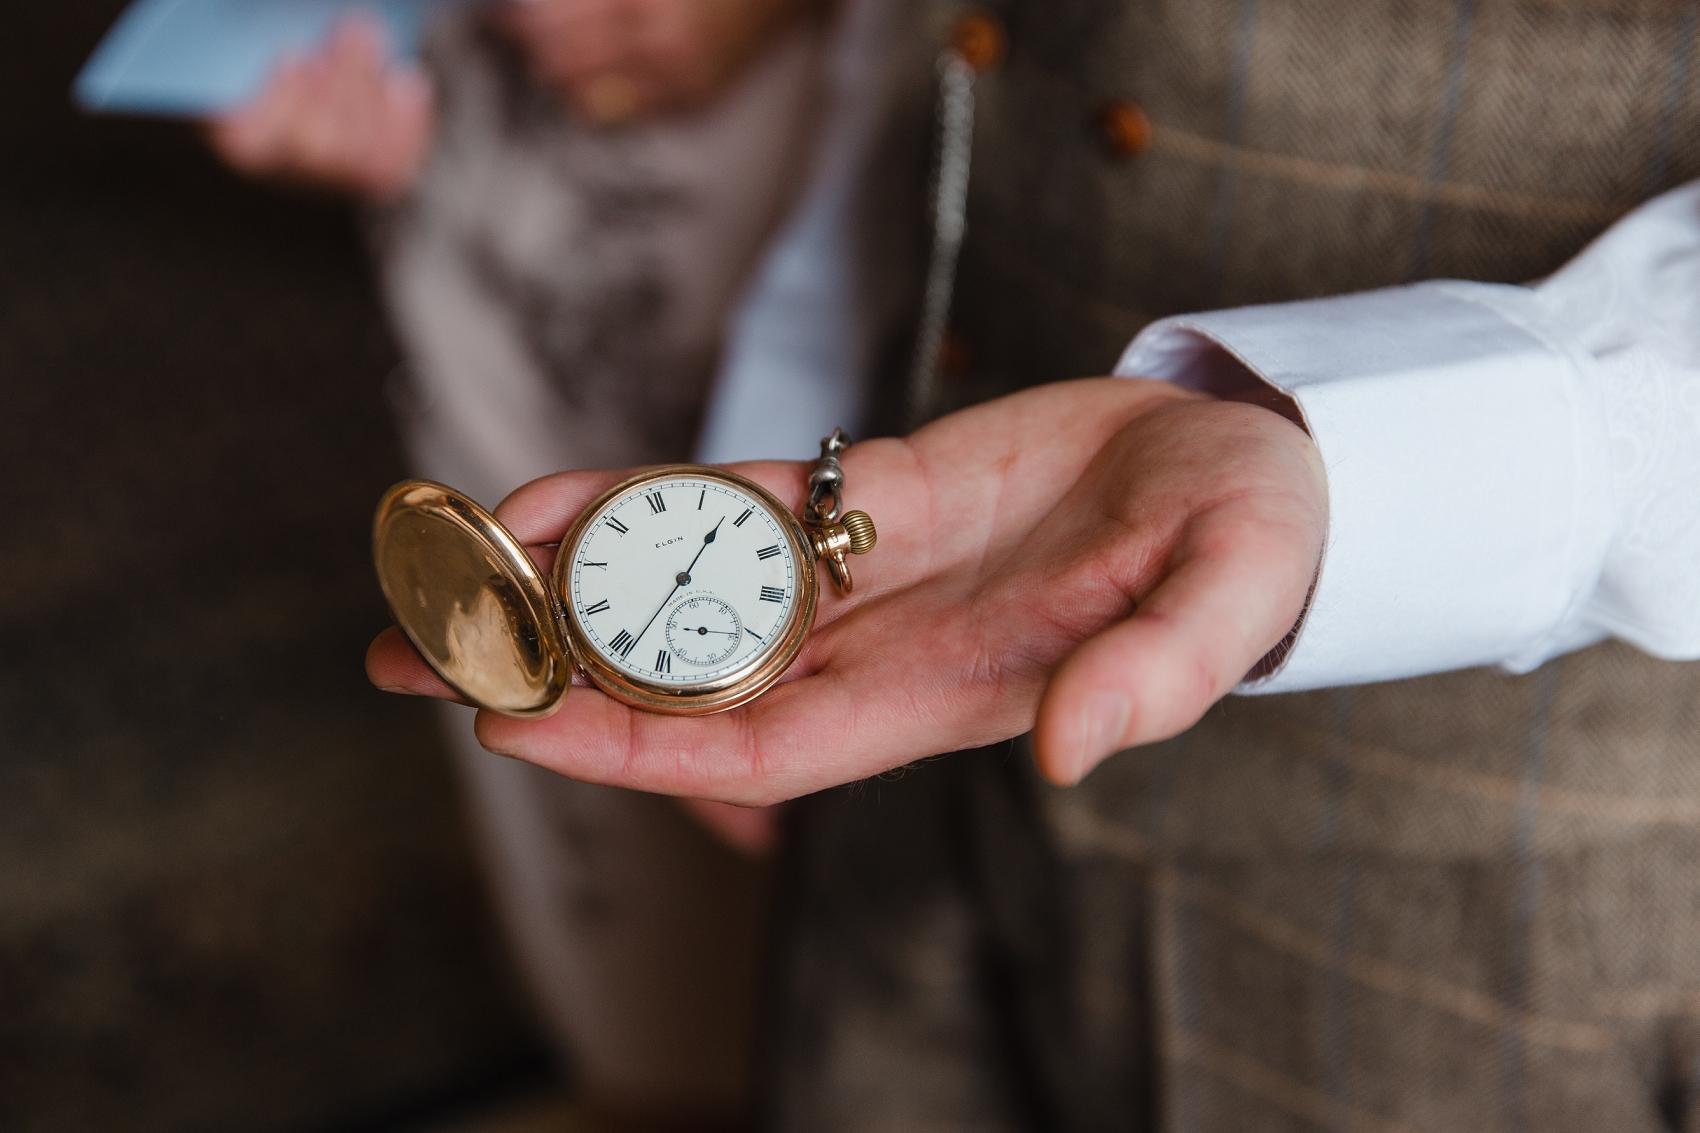 Vintage pocket watch groom style